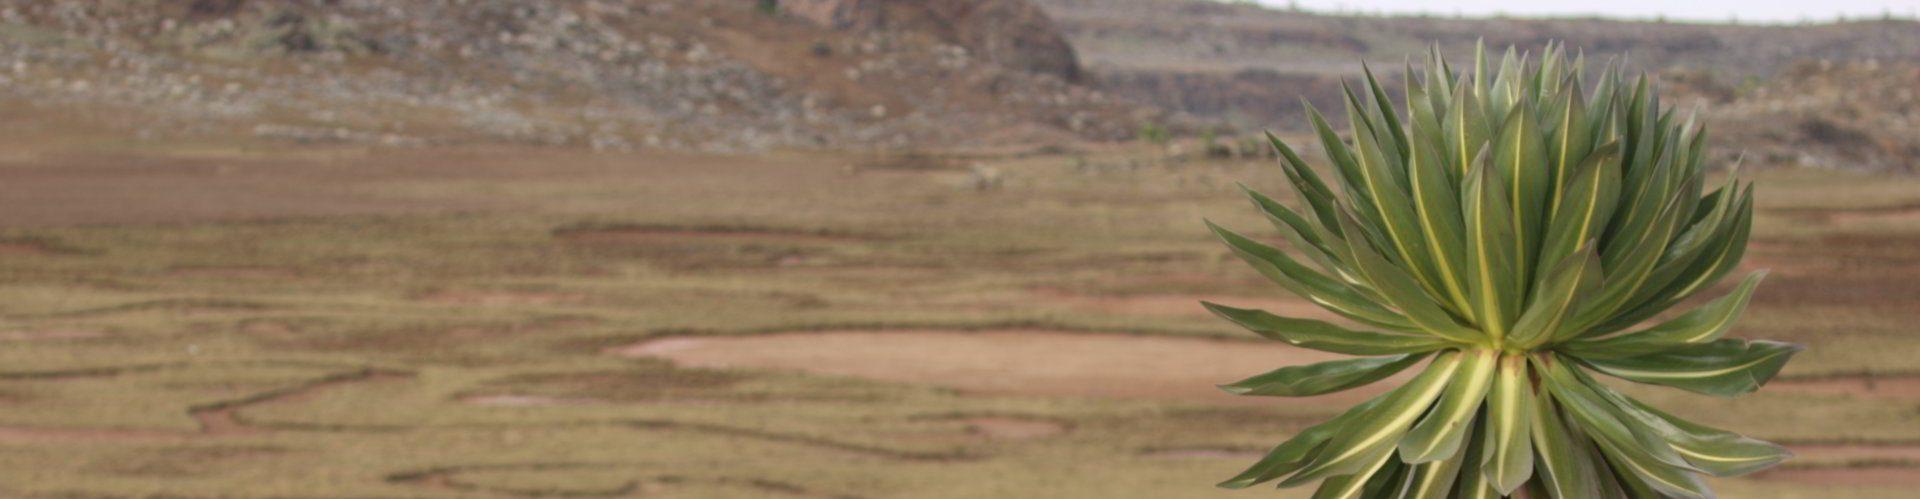 Sanetti-Plateau-Ethiopia